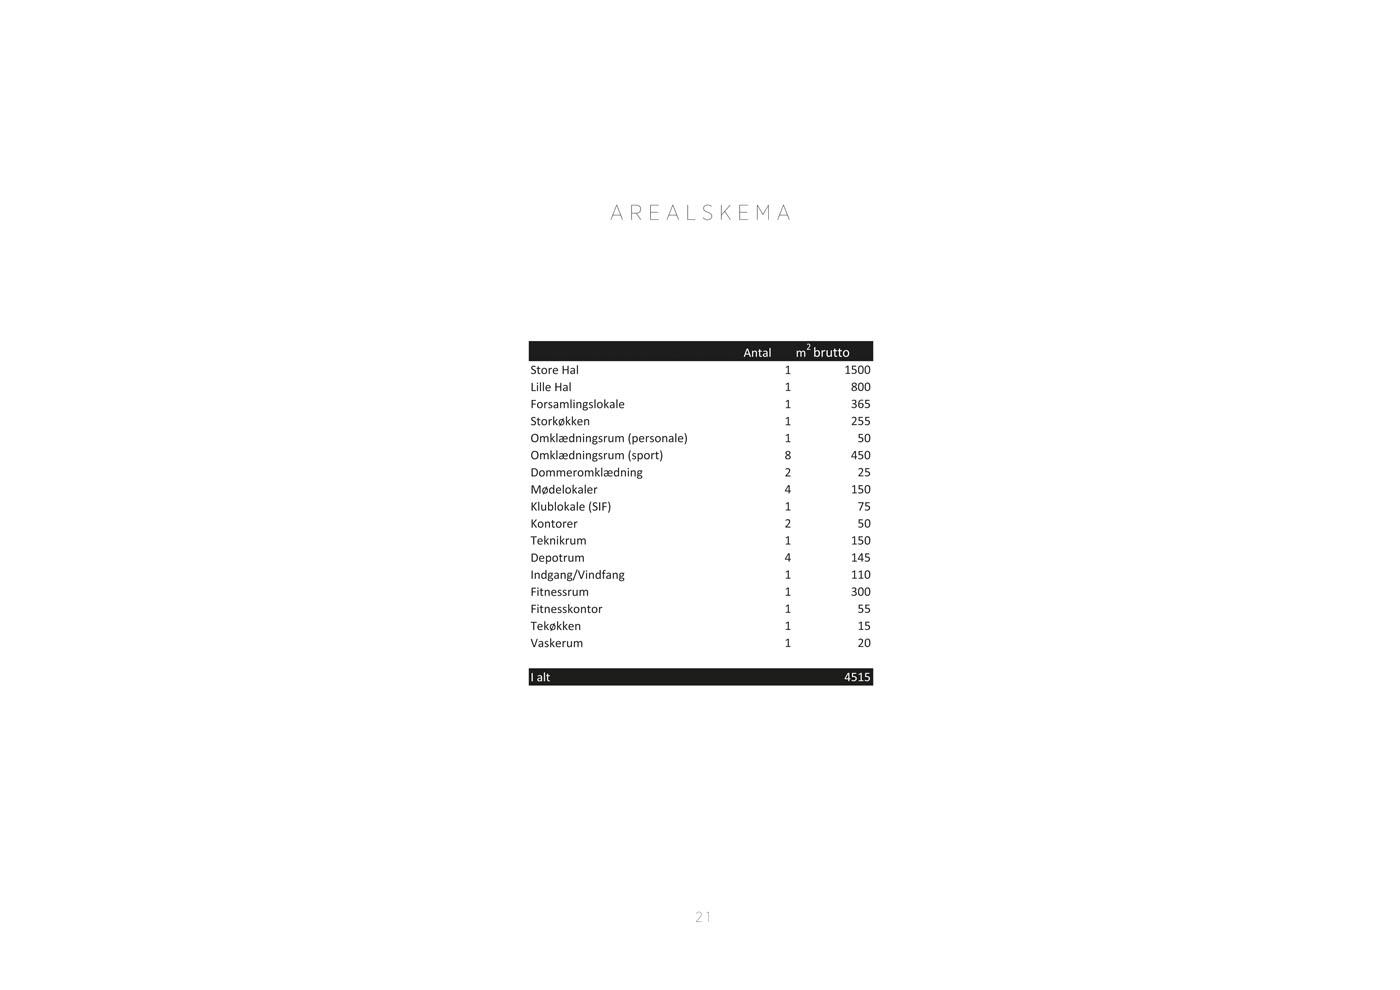 StavtrupMultihal-CFMoller_21